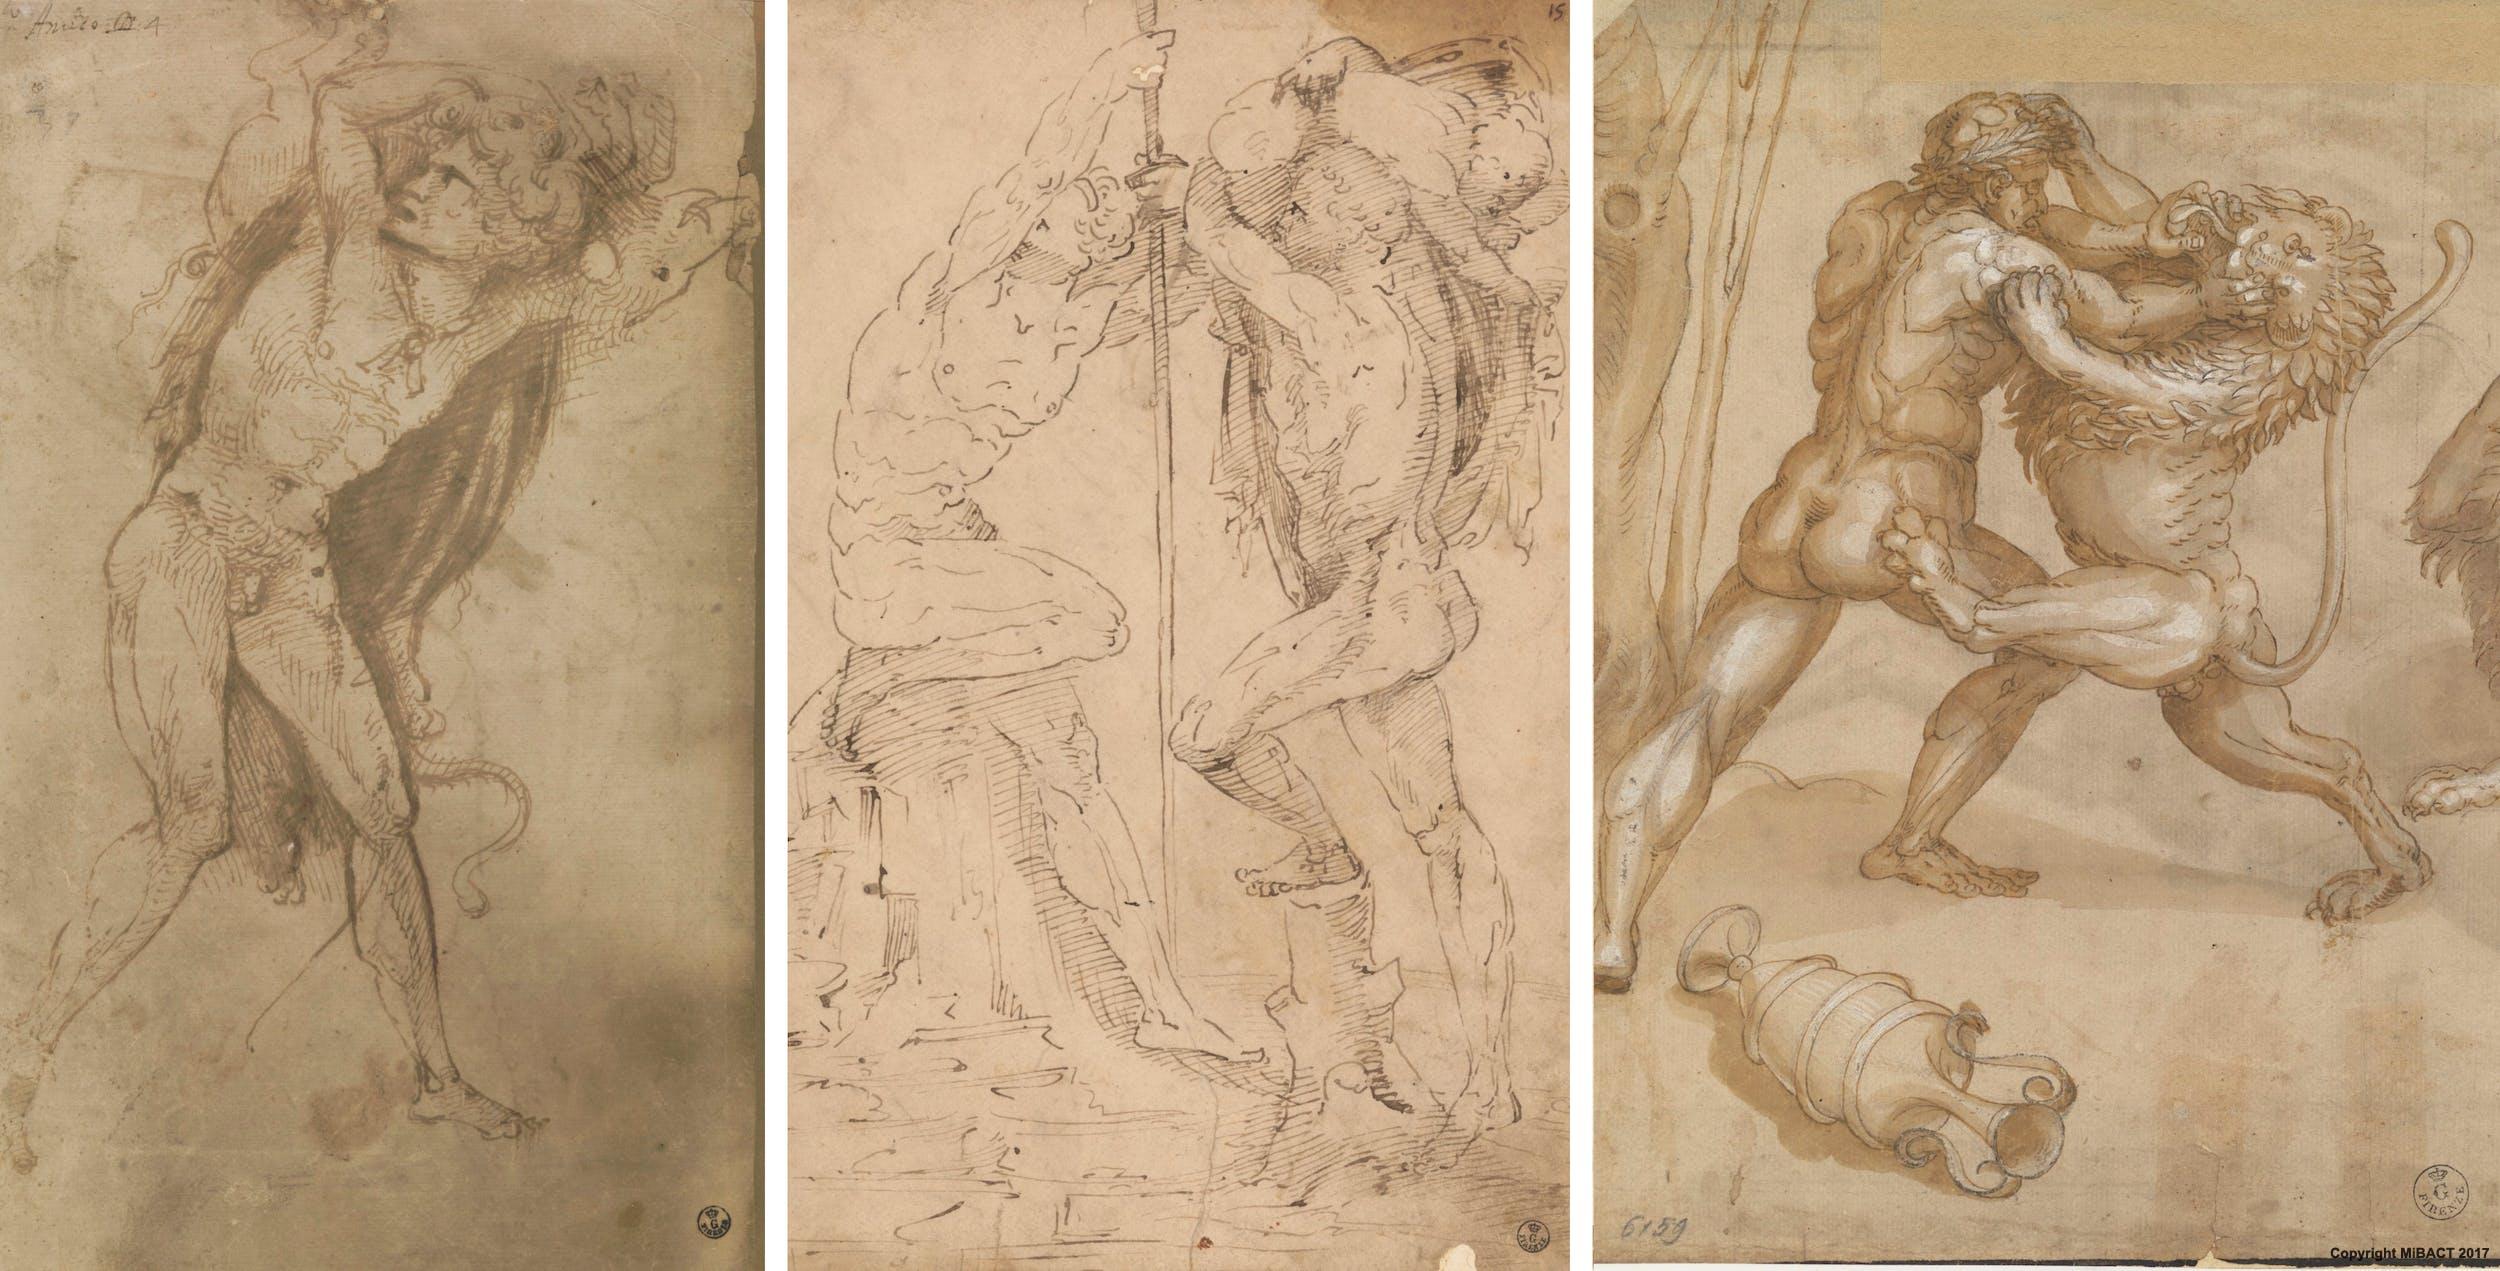 Aspertini: dettagli di A) Ercole e il cinghiale B) S.Cristoforo con Gesù C) Studio per Ercole e il leone di Nemea